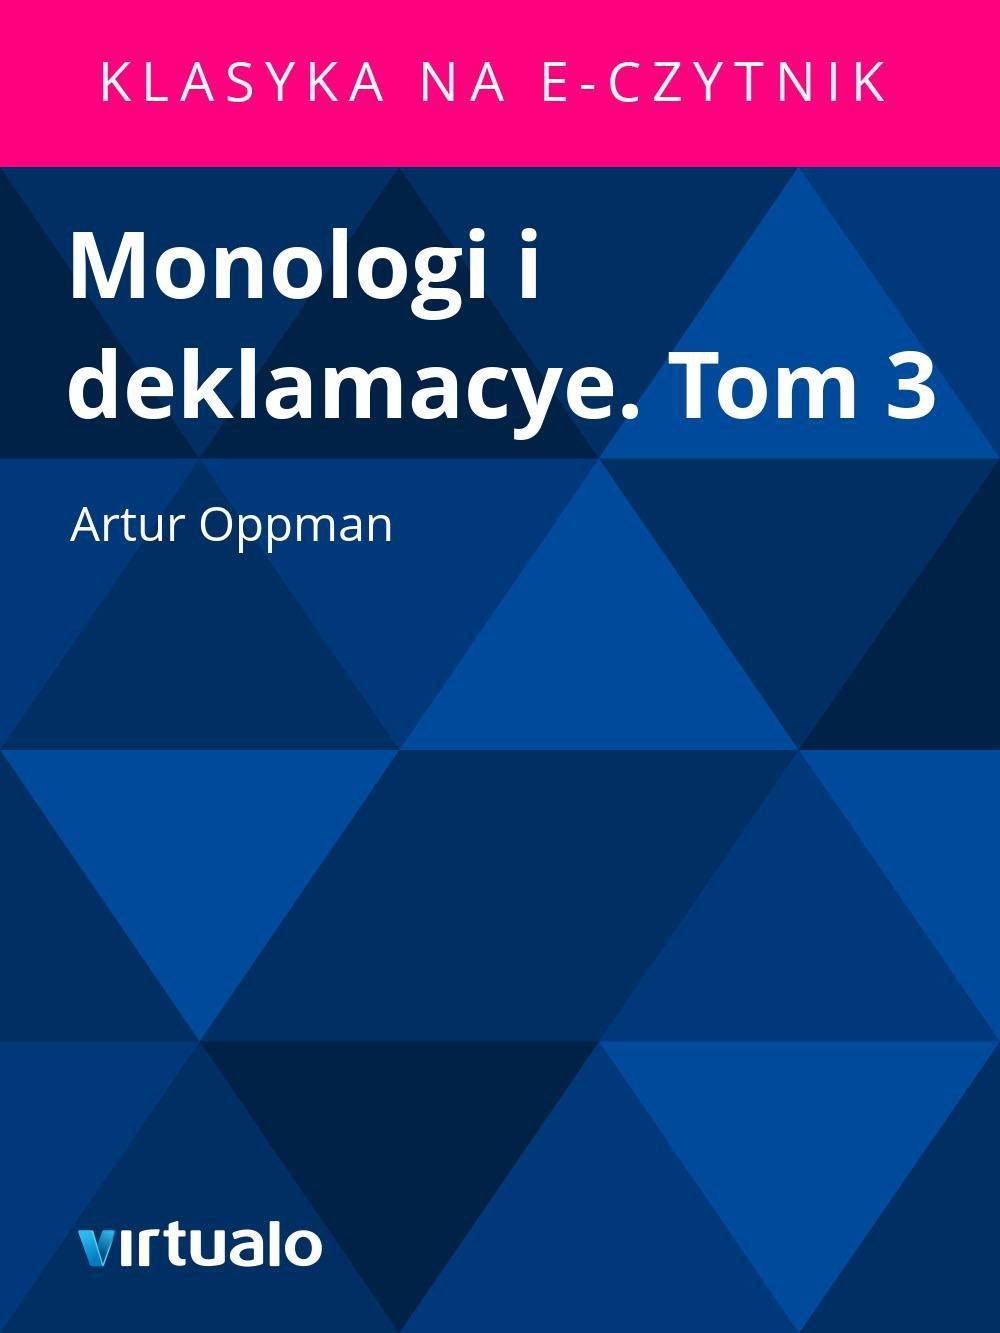 Monologi i deklamacye. Tom 3 - Ebook (Książka EPUB) do pobrania w formacie EPUB